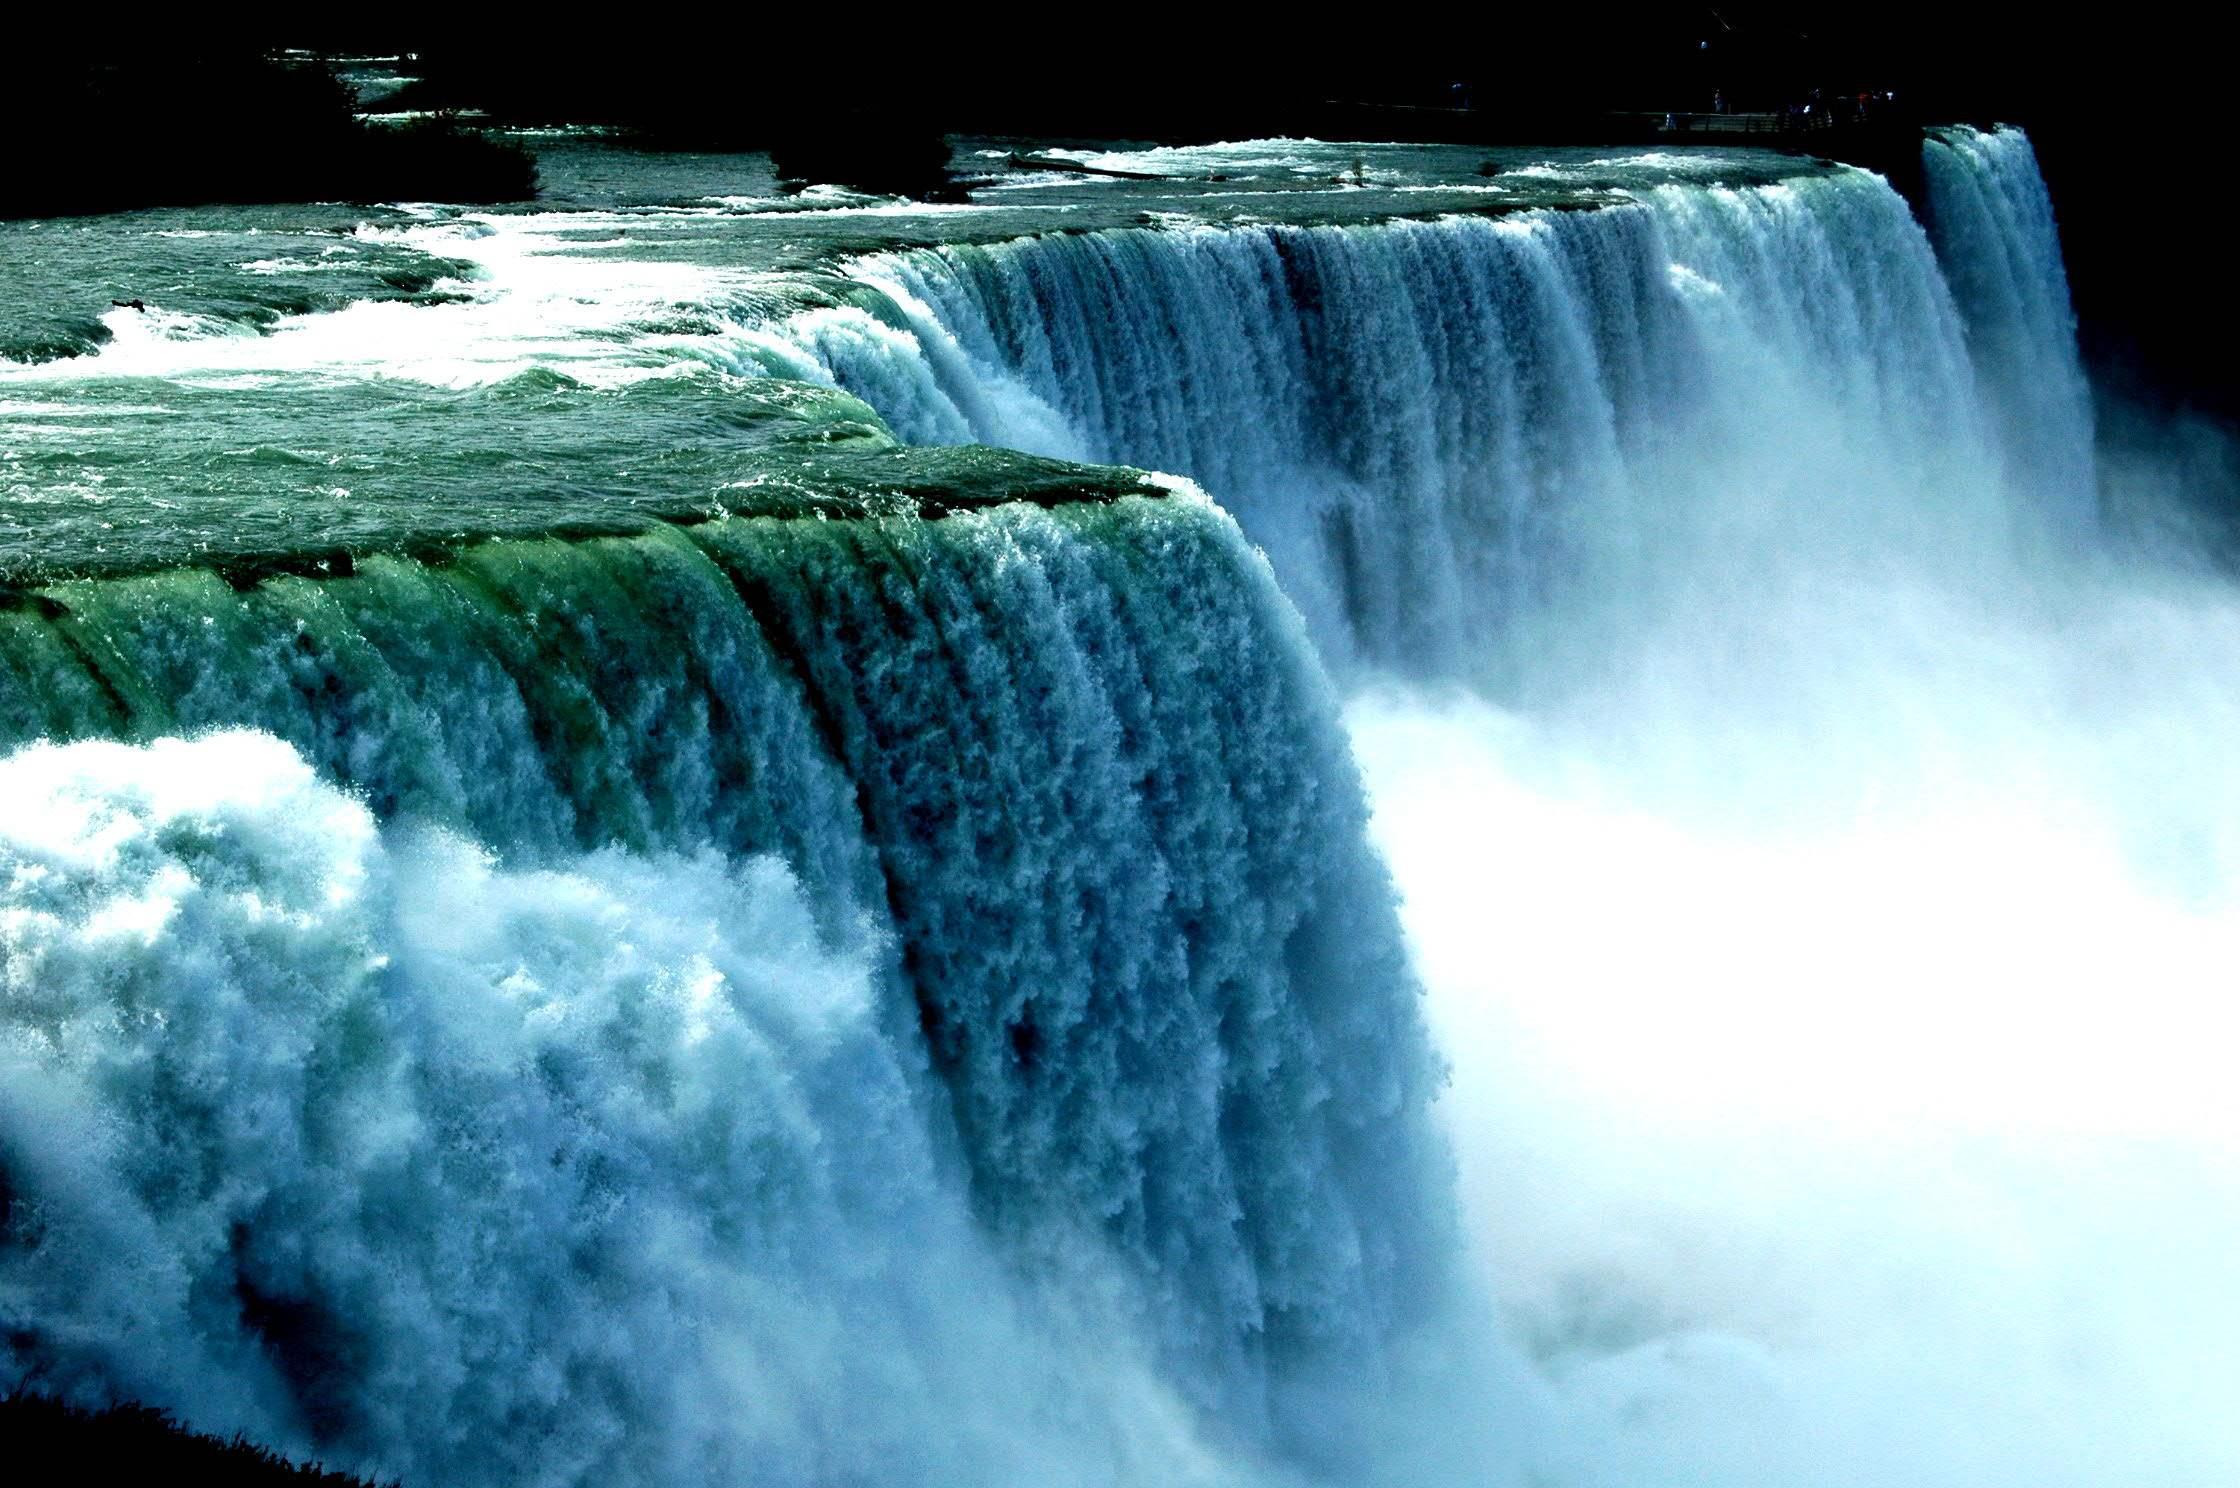 壁纸 风景 旅游 瀑布 山水 桌面 2240_1488